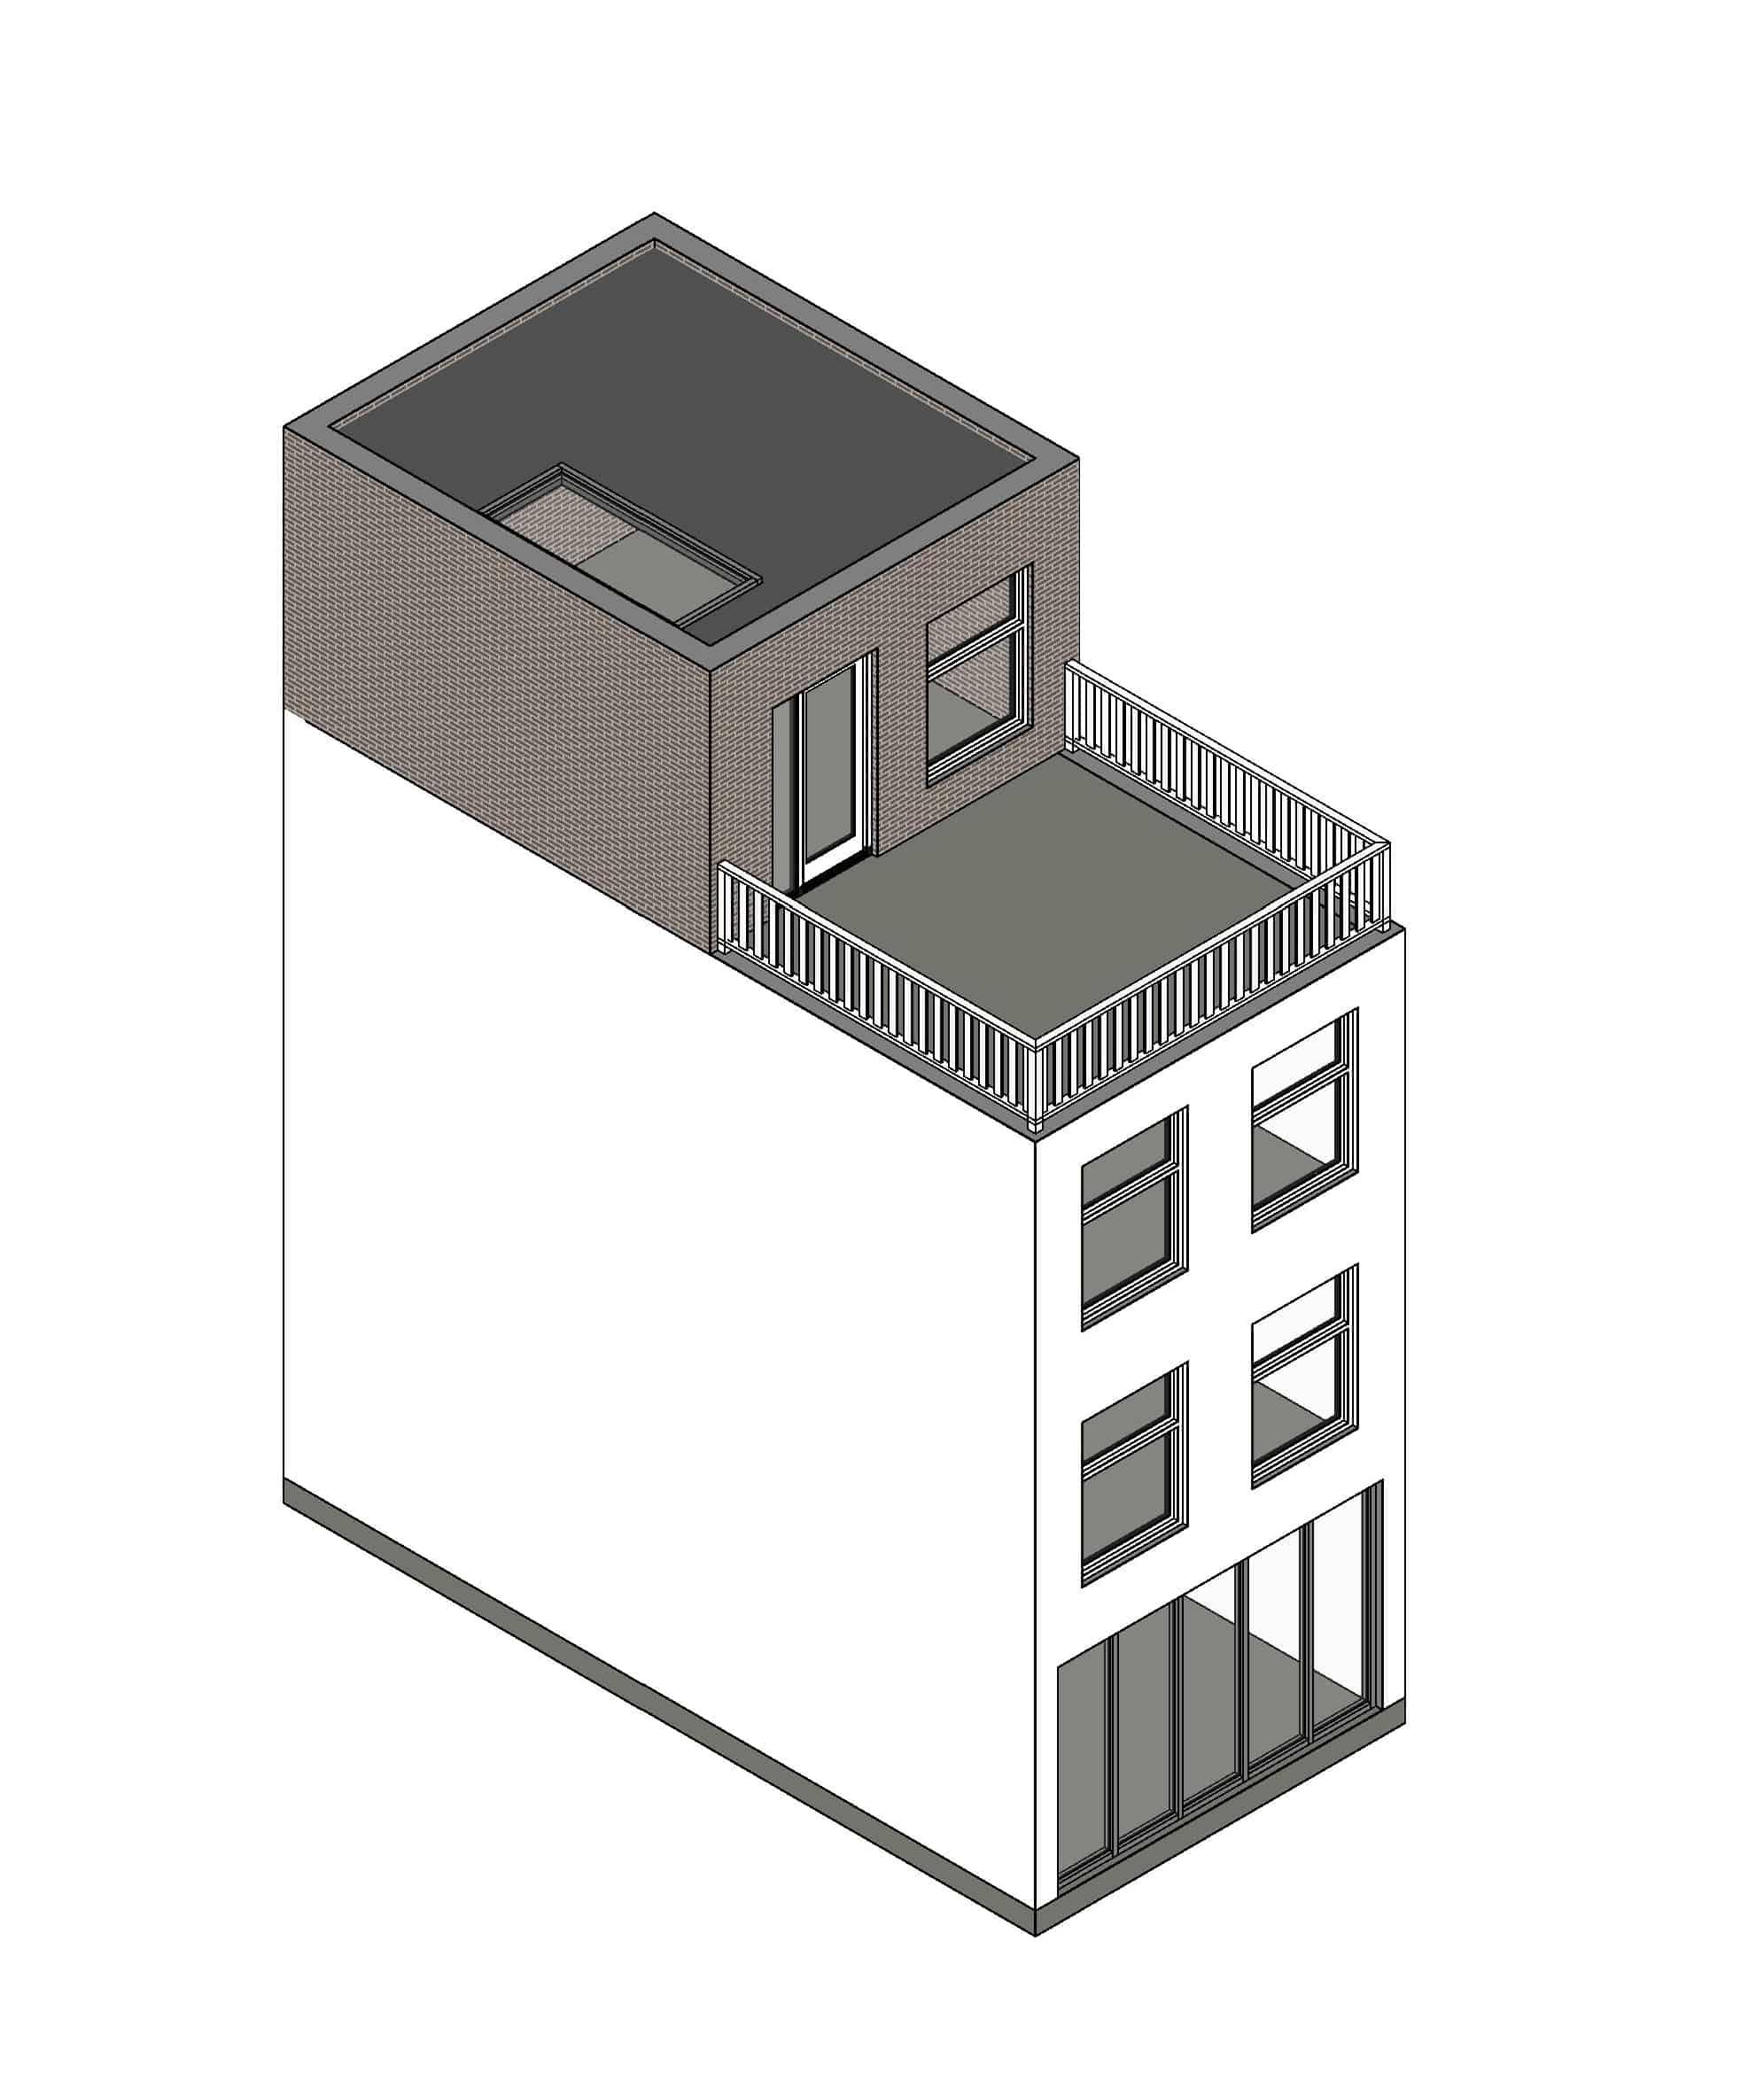 dakopbouw plat dak met dakterras voorbeeld